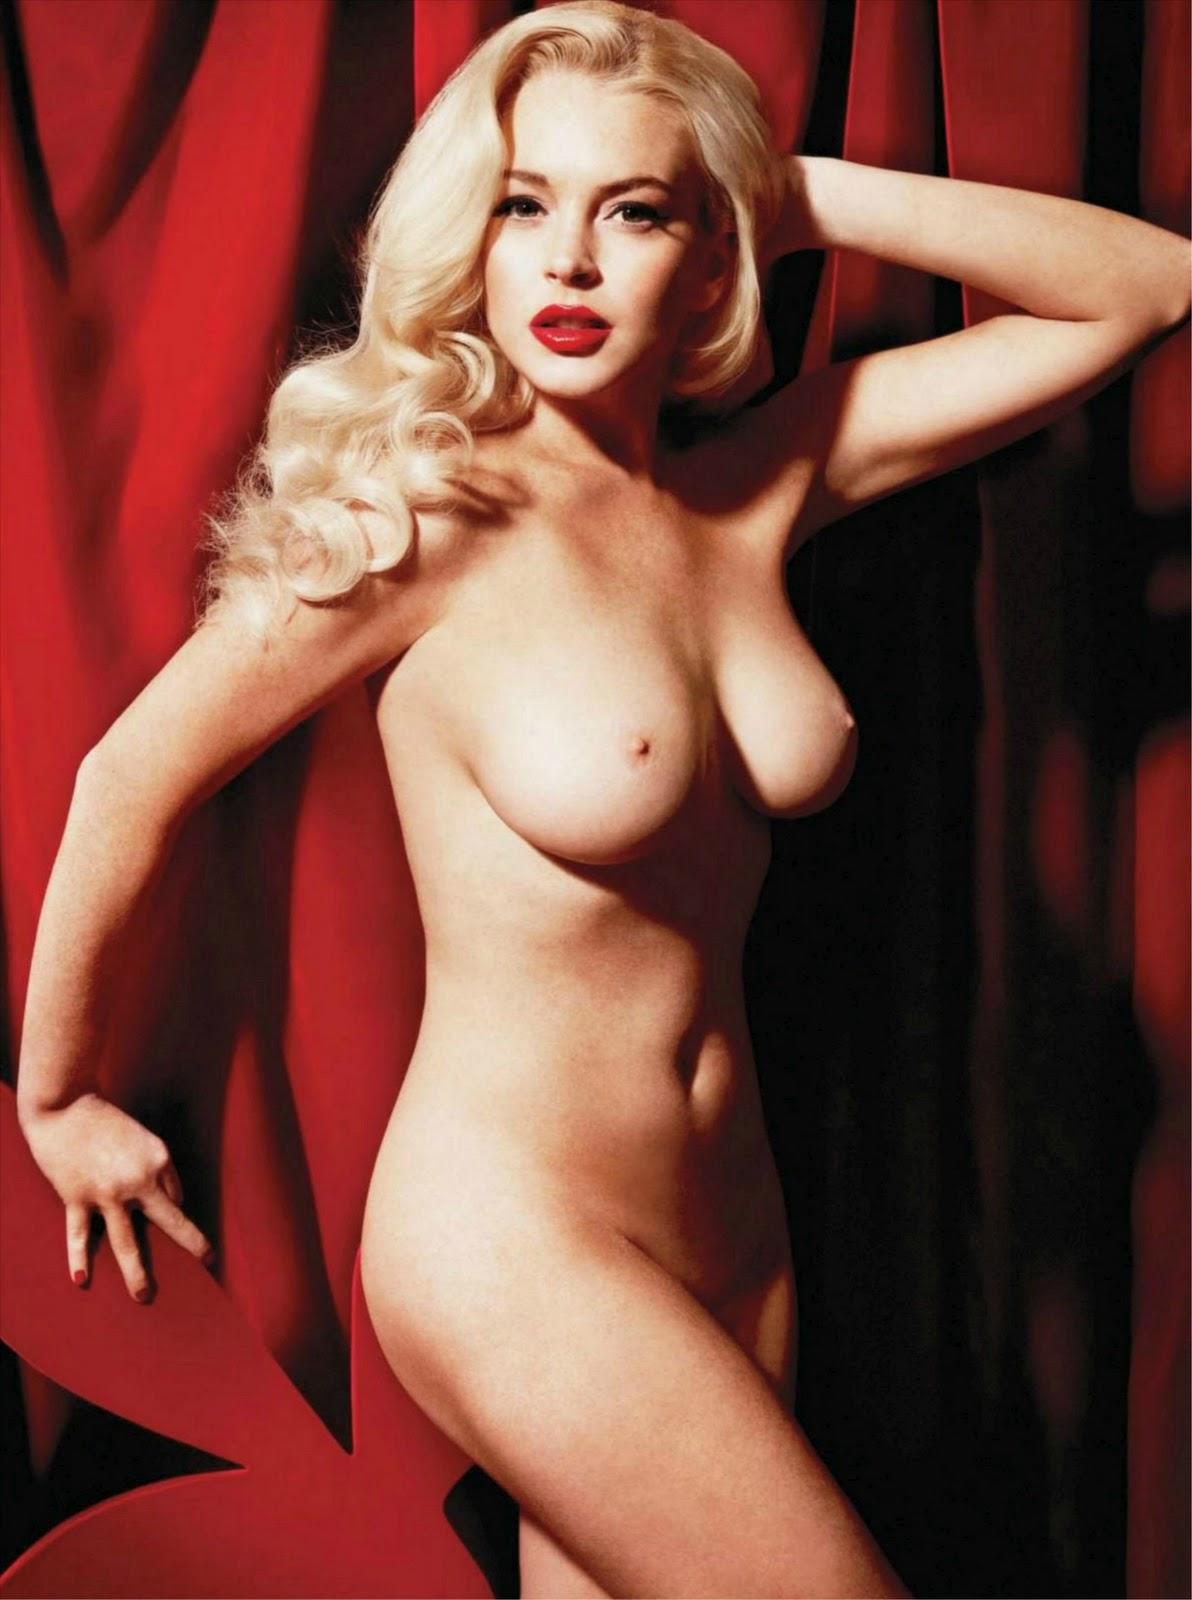 Free Naked Pics Of Lindsay Lohan 45